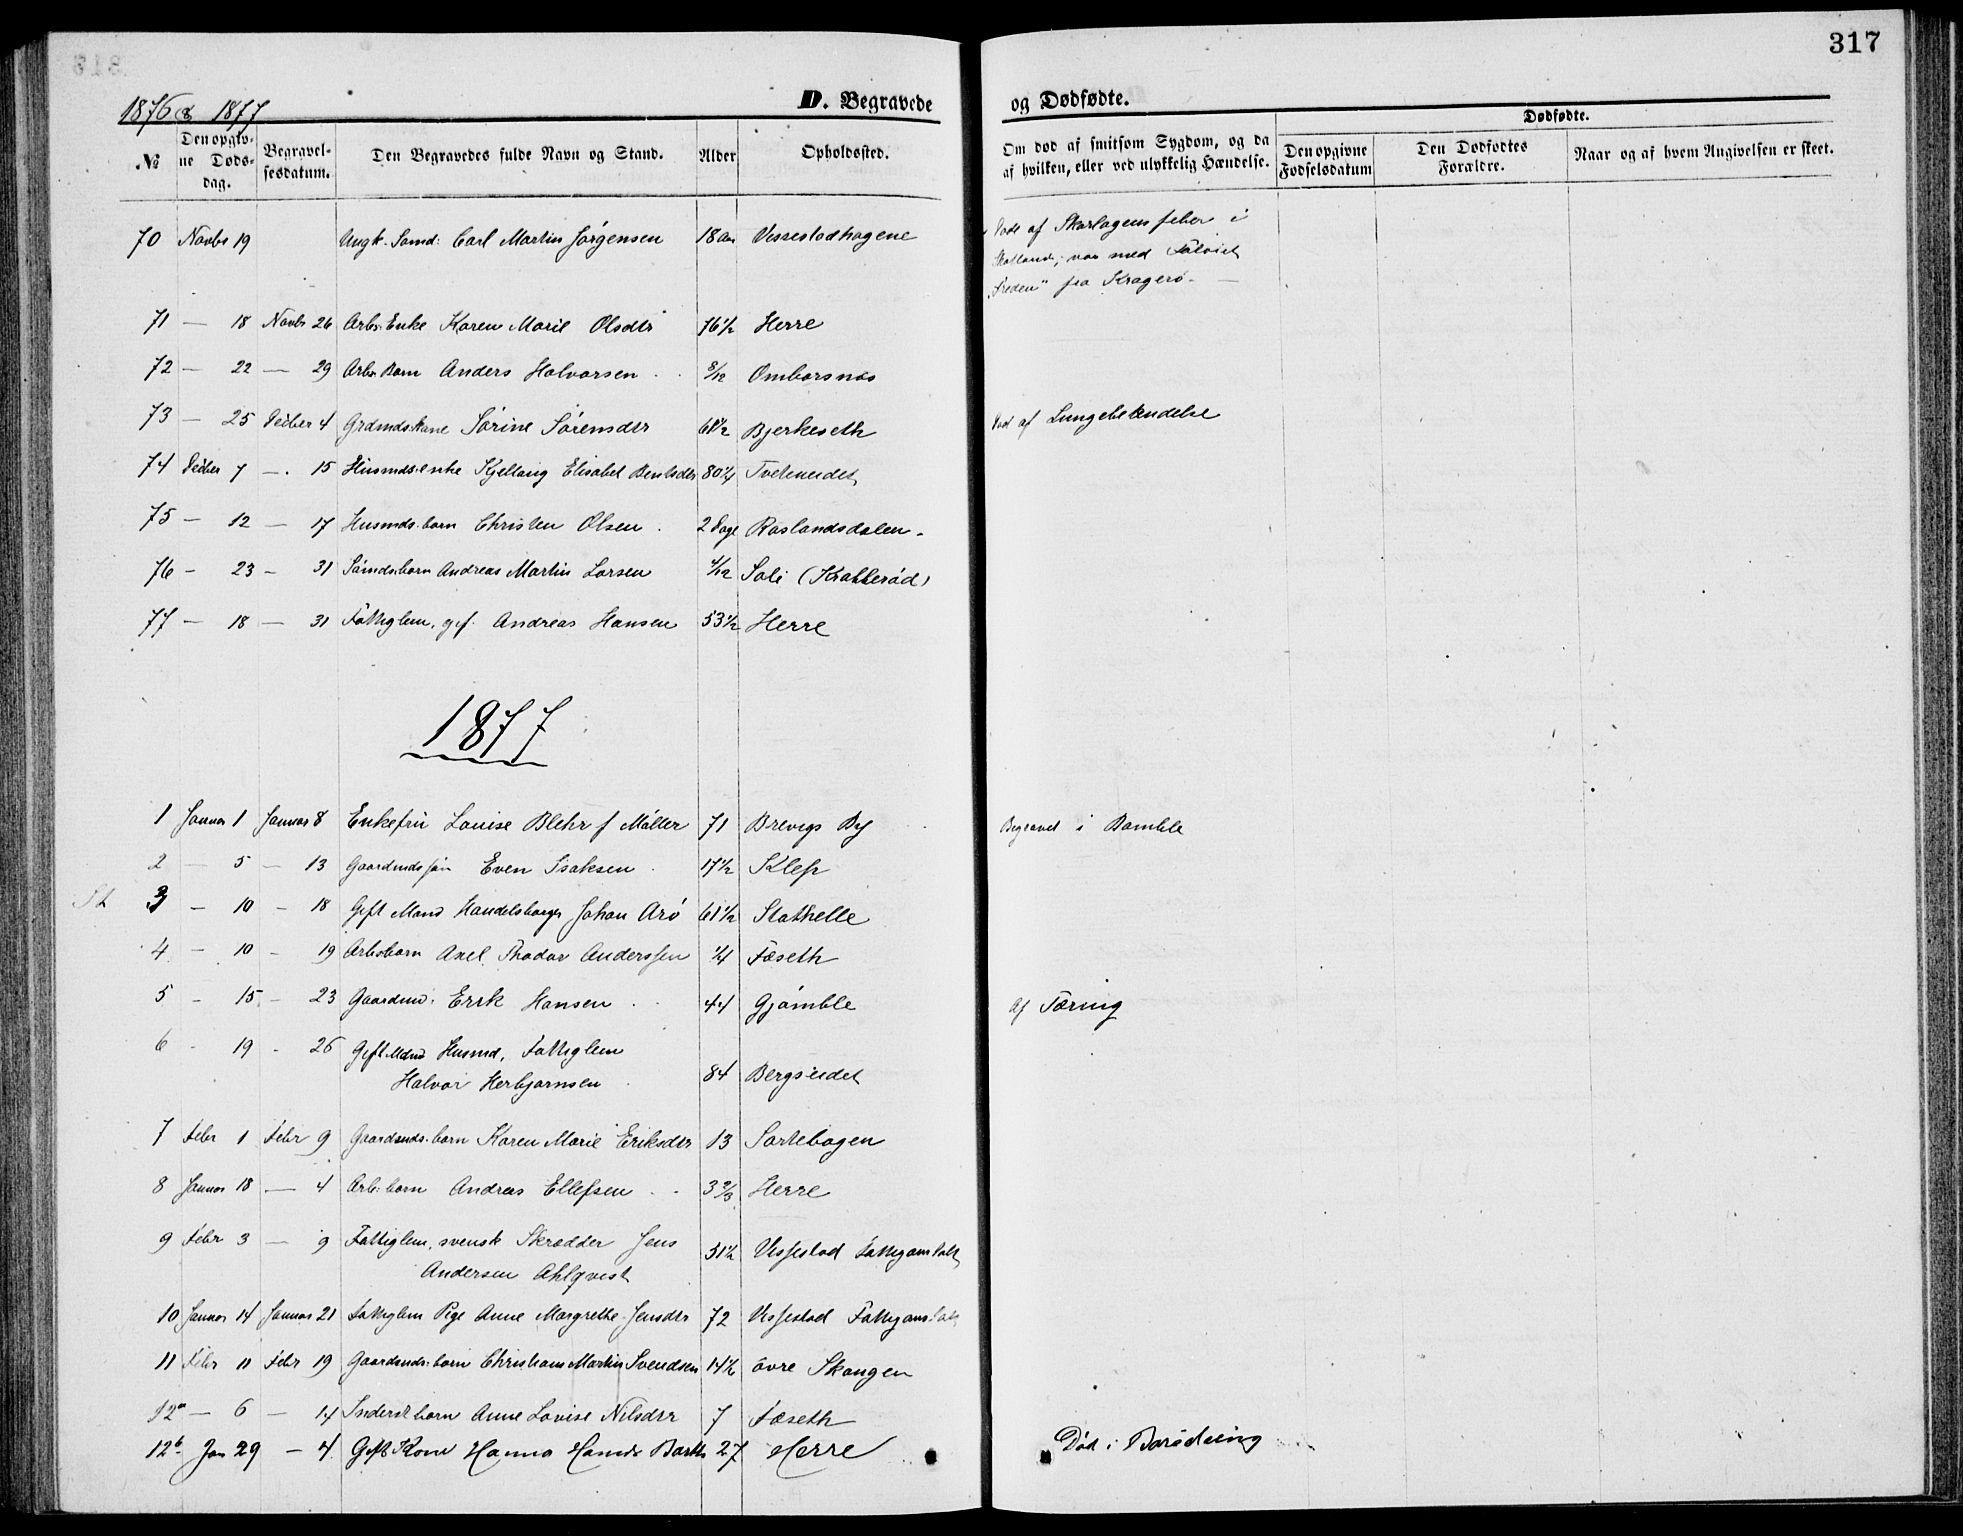 SAKO, Bamble kirkebøker, G/Ga/L0007: Klokkerbok nr. I 7, 1876-1877, s. 317